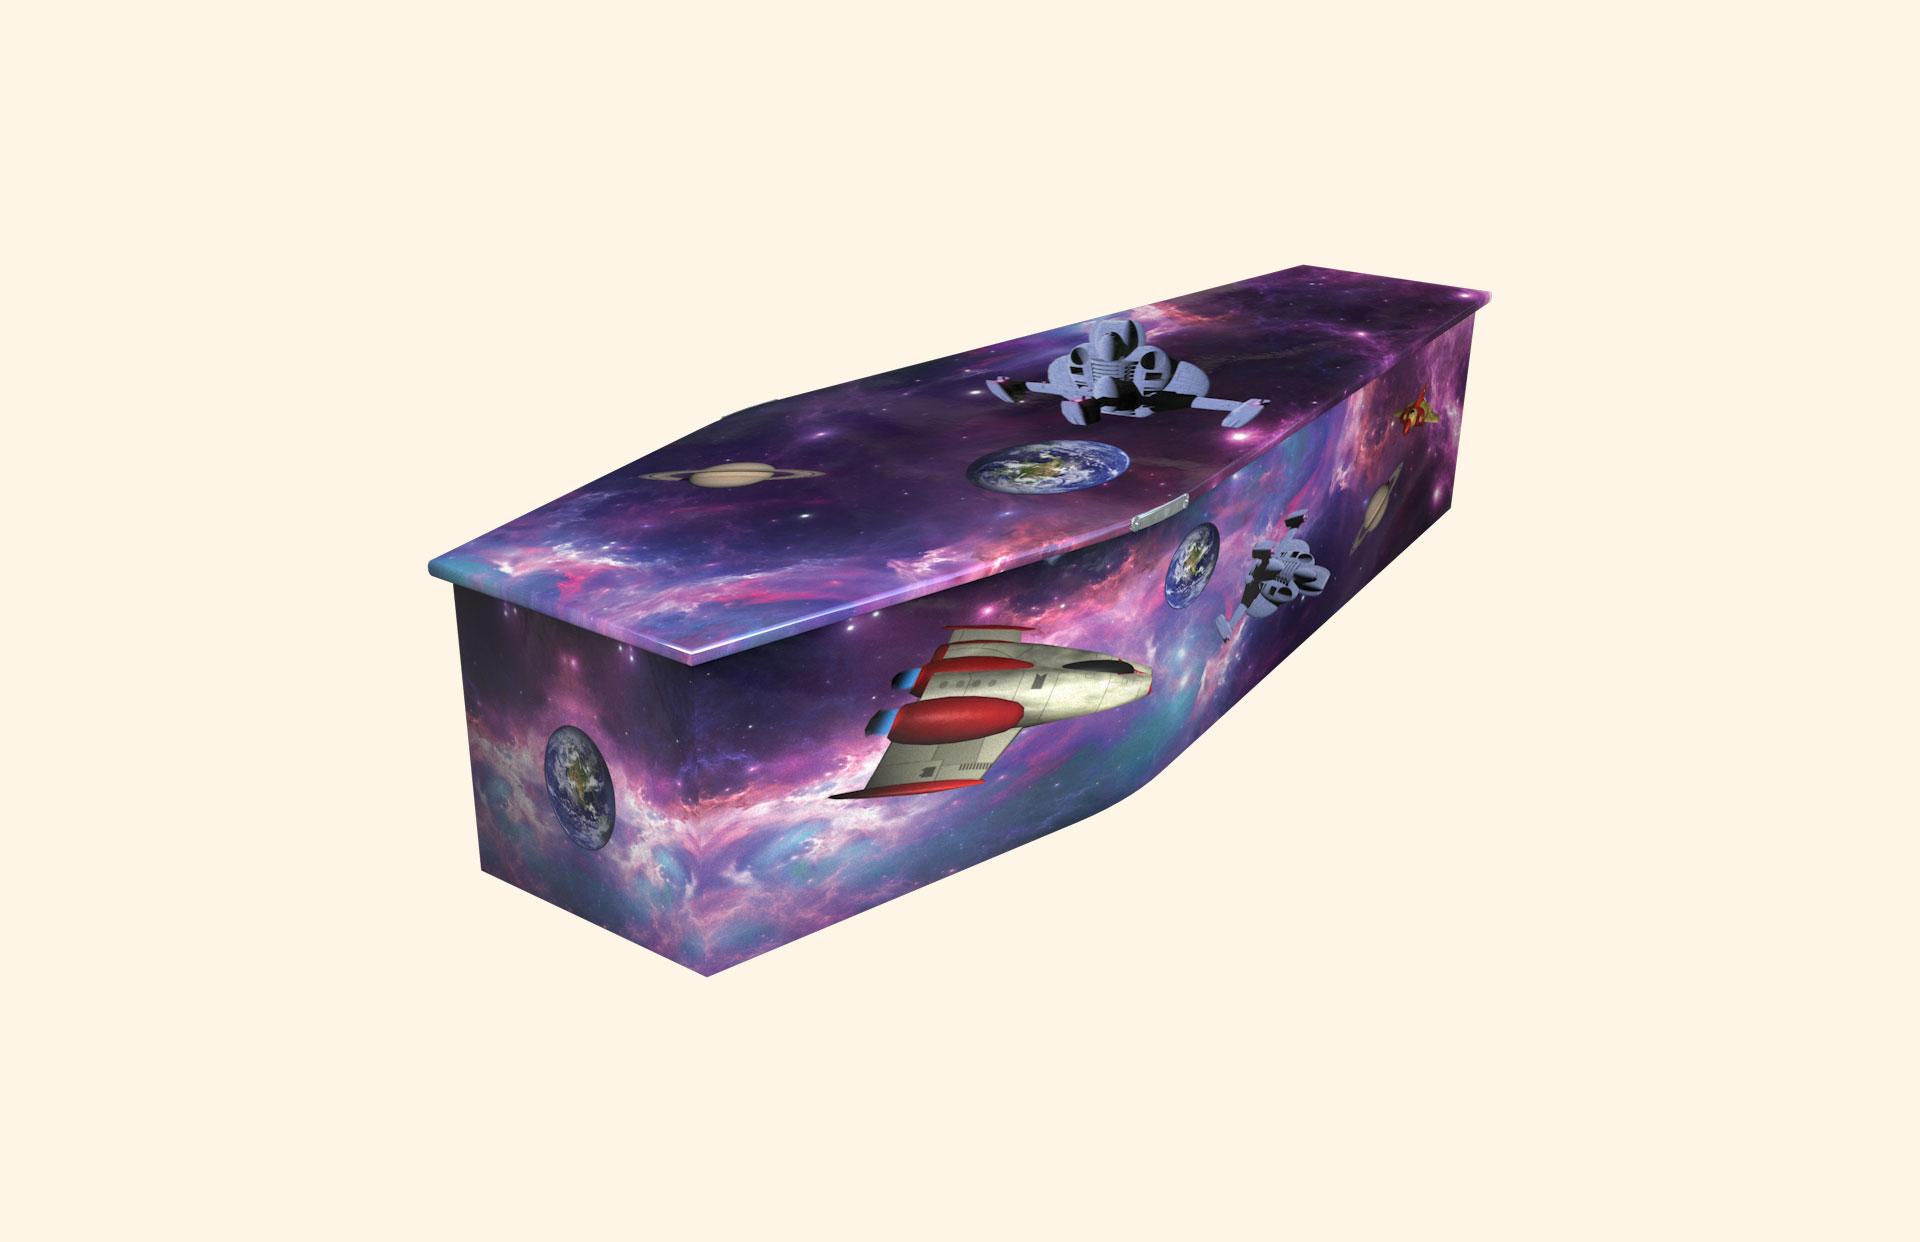 Final Frontier child coffin